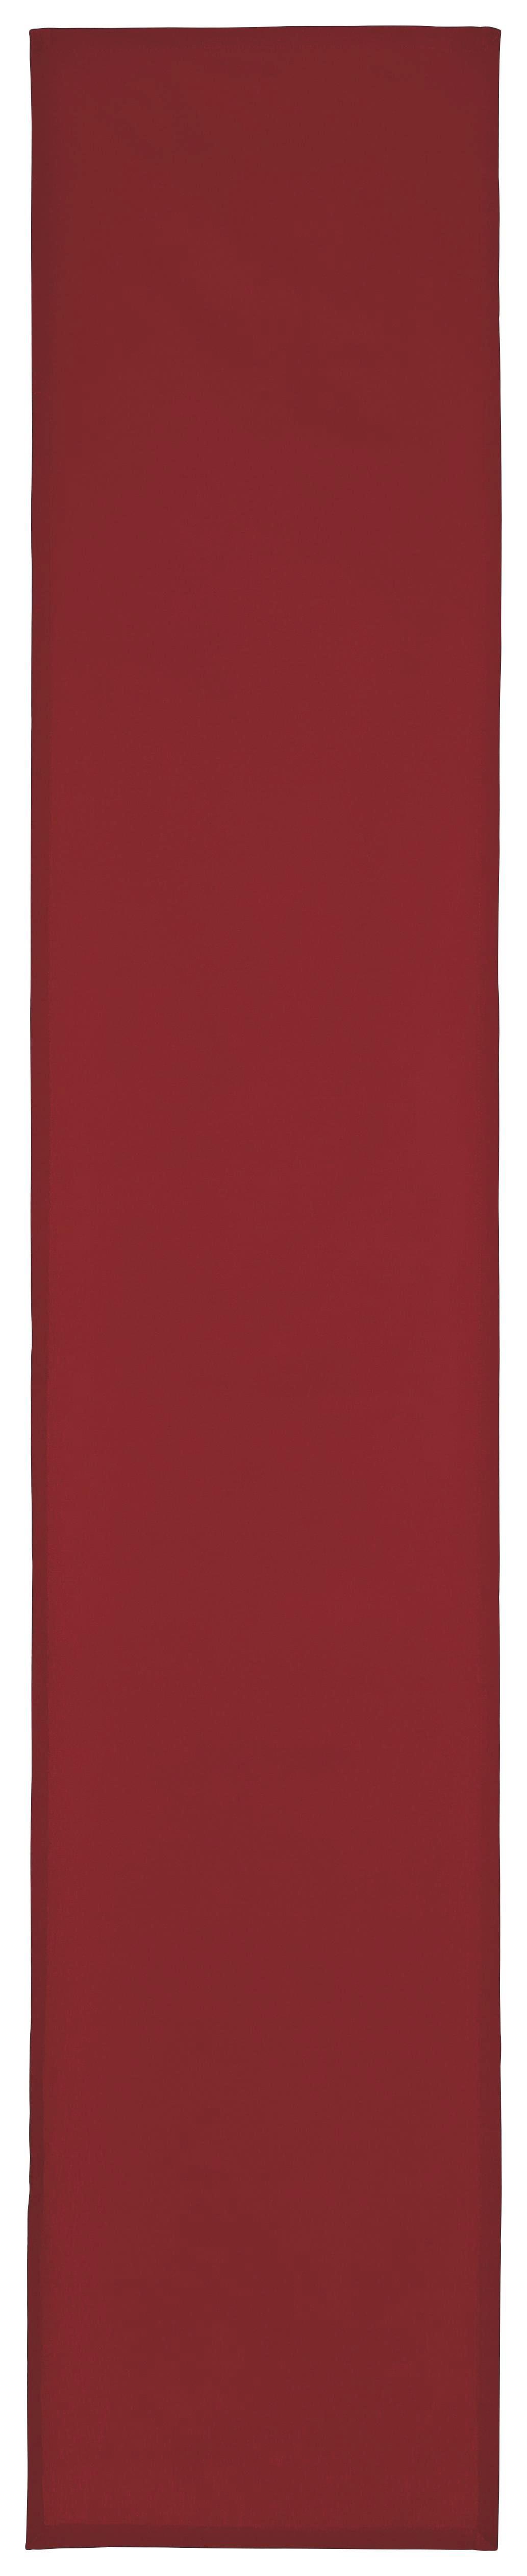 Nadprt Steffi Überlänge - rdeča, tekstil (45/240cm) - MÖMAX modern living